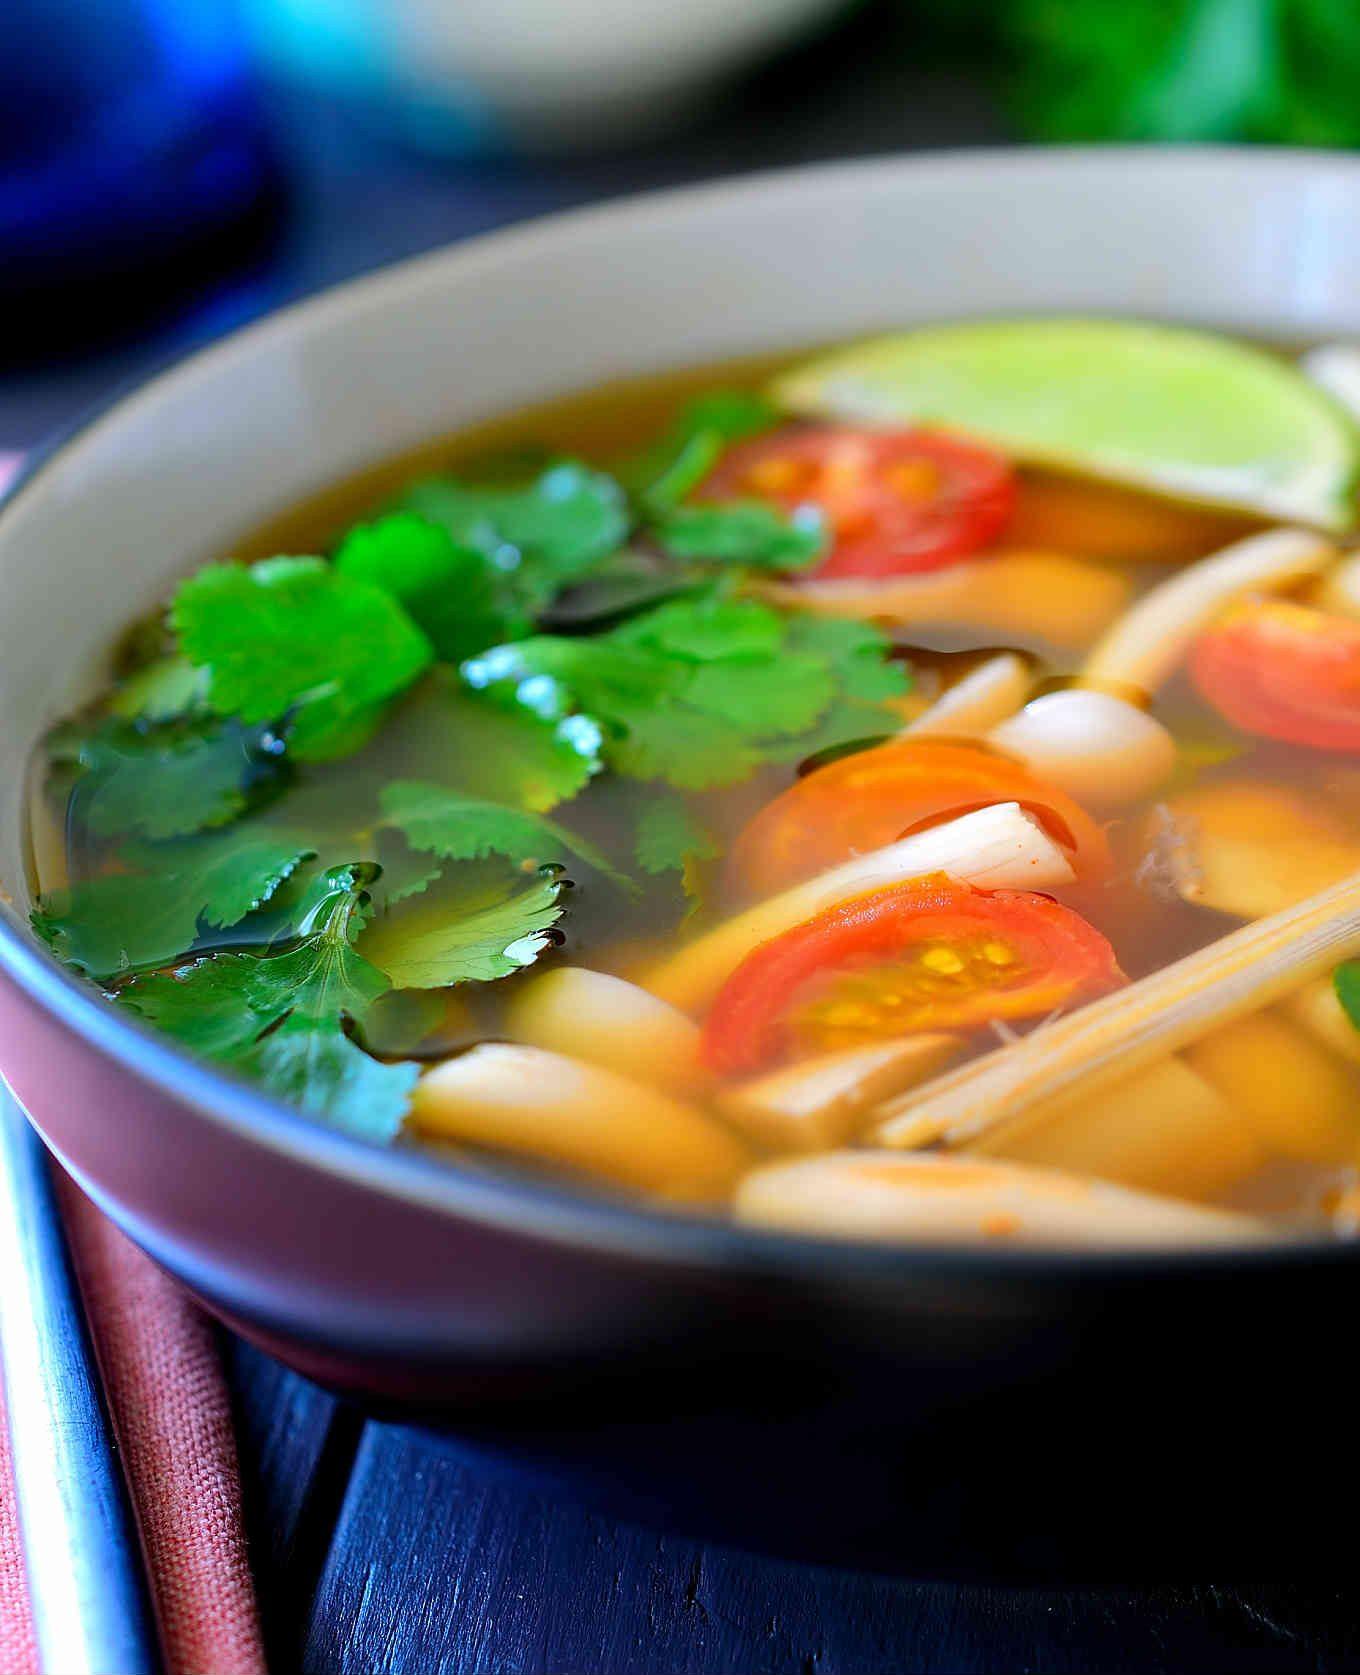 Esta receta de sopa tom yum es a la vez sabrosa, picante, ligera y vegana. Un caldo aromático y sabroso a base de setas asiáticas, citronella (limoncillo) y hojas de lima kaffir, aderezado con jugo de lima. Una cucharada de pasta de chili al final para un poco de picante, para entrar en calor, y ya tienes un bol de sopa caliente perfecto para una tarde fría de invierno.